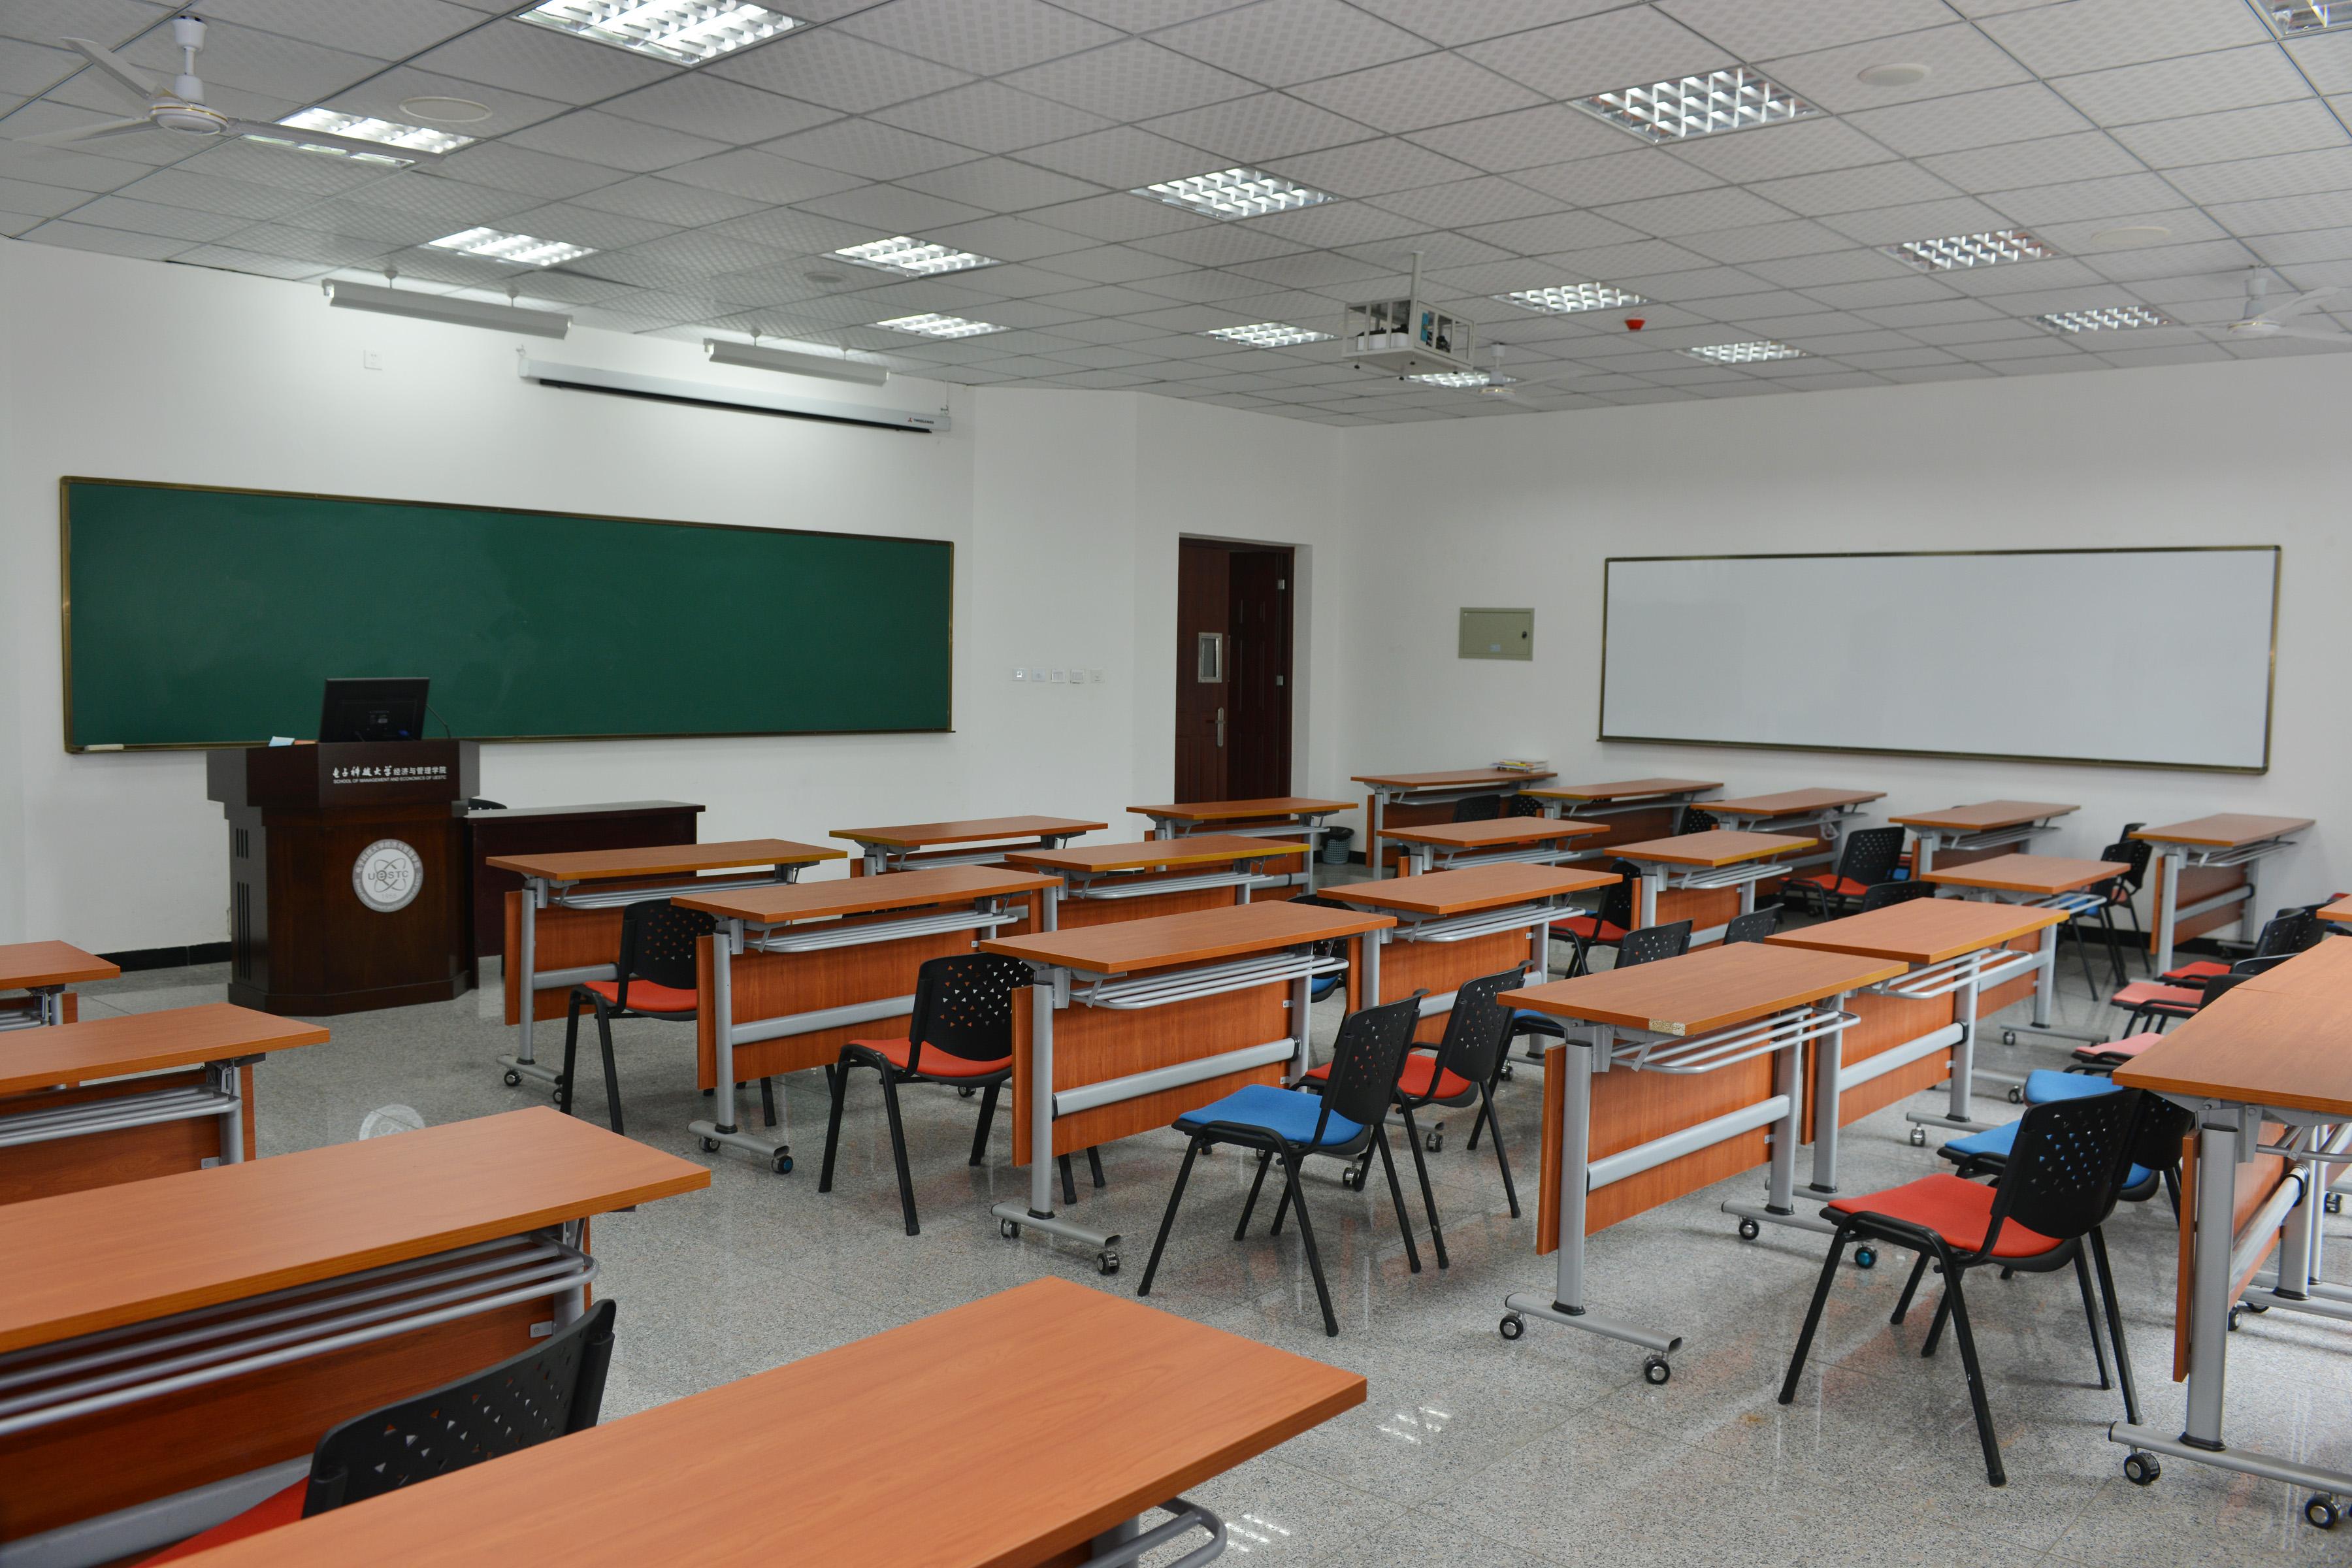 数学教室装修图